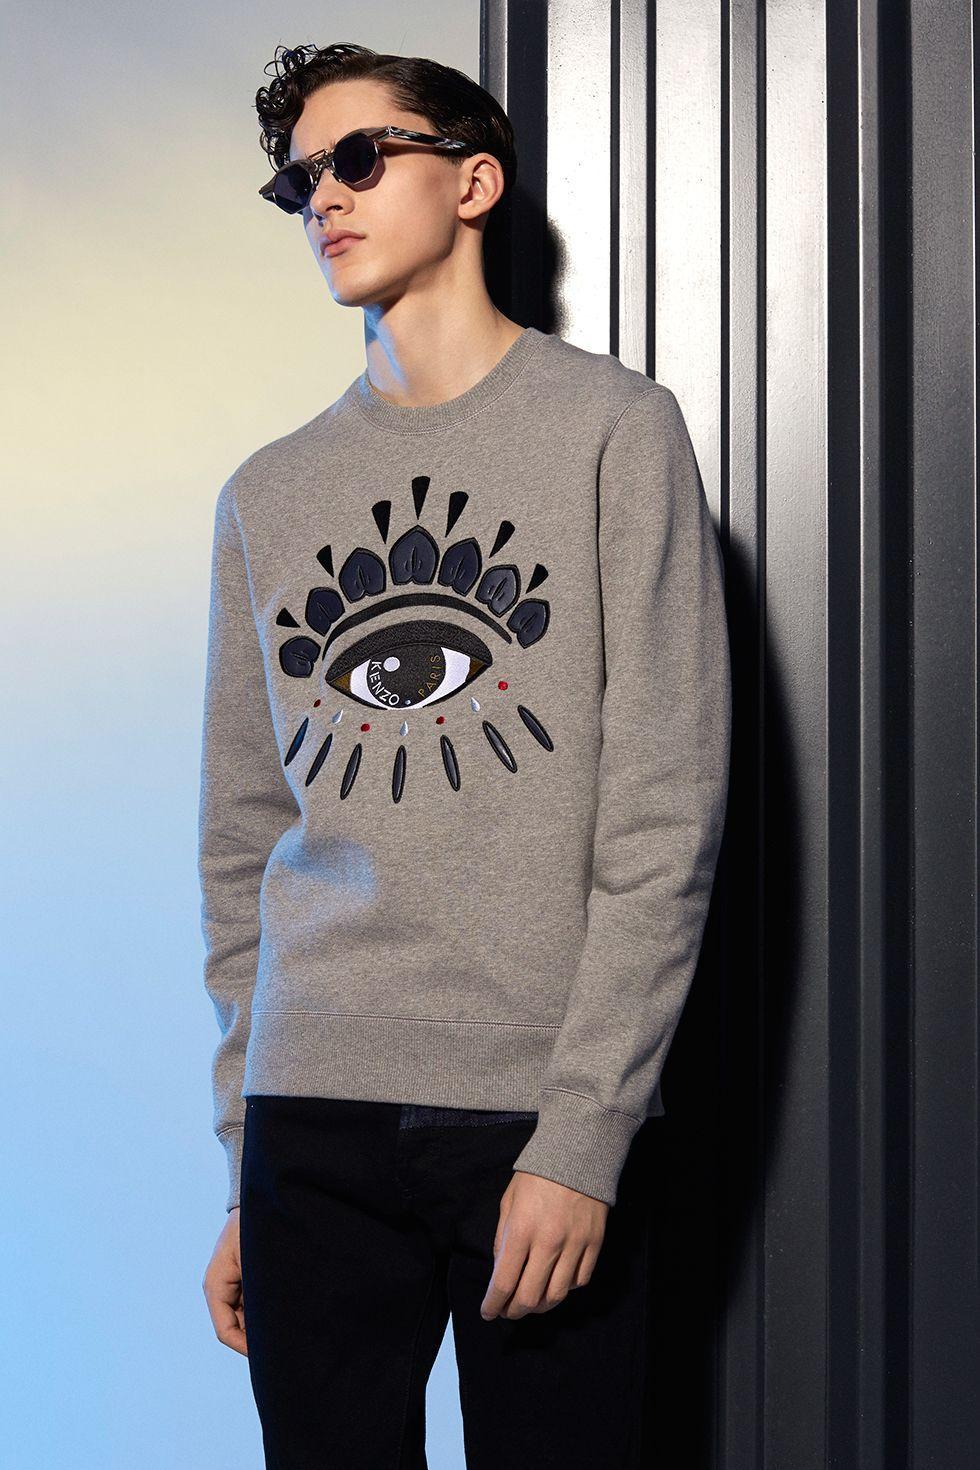 Kenzo Eye sweatshirt - Kenzo Sweatshirts & Sweaters Men - Kenzo E ...